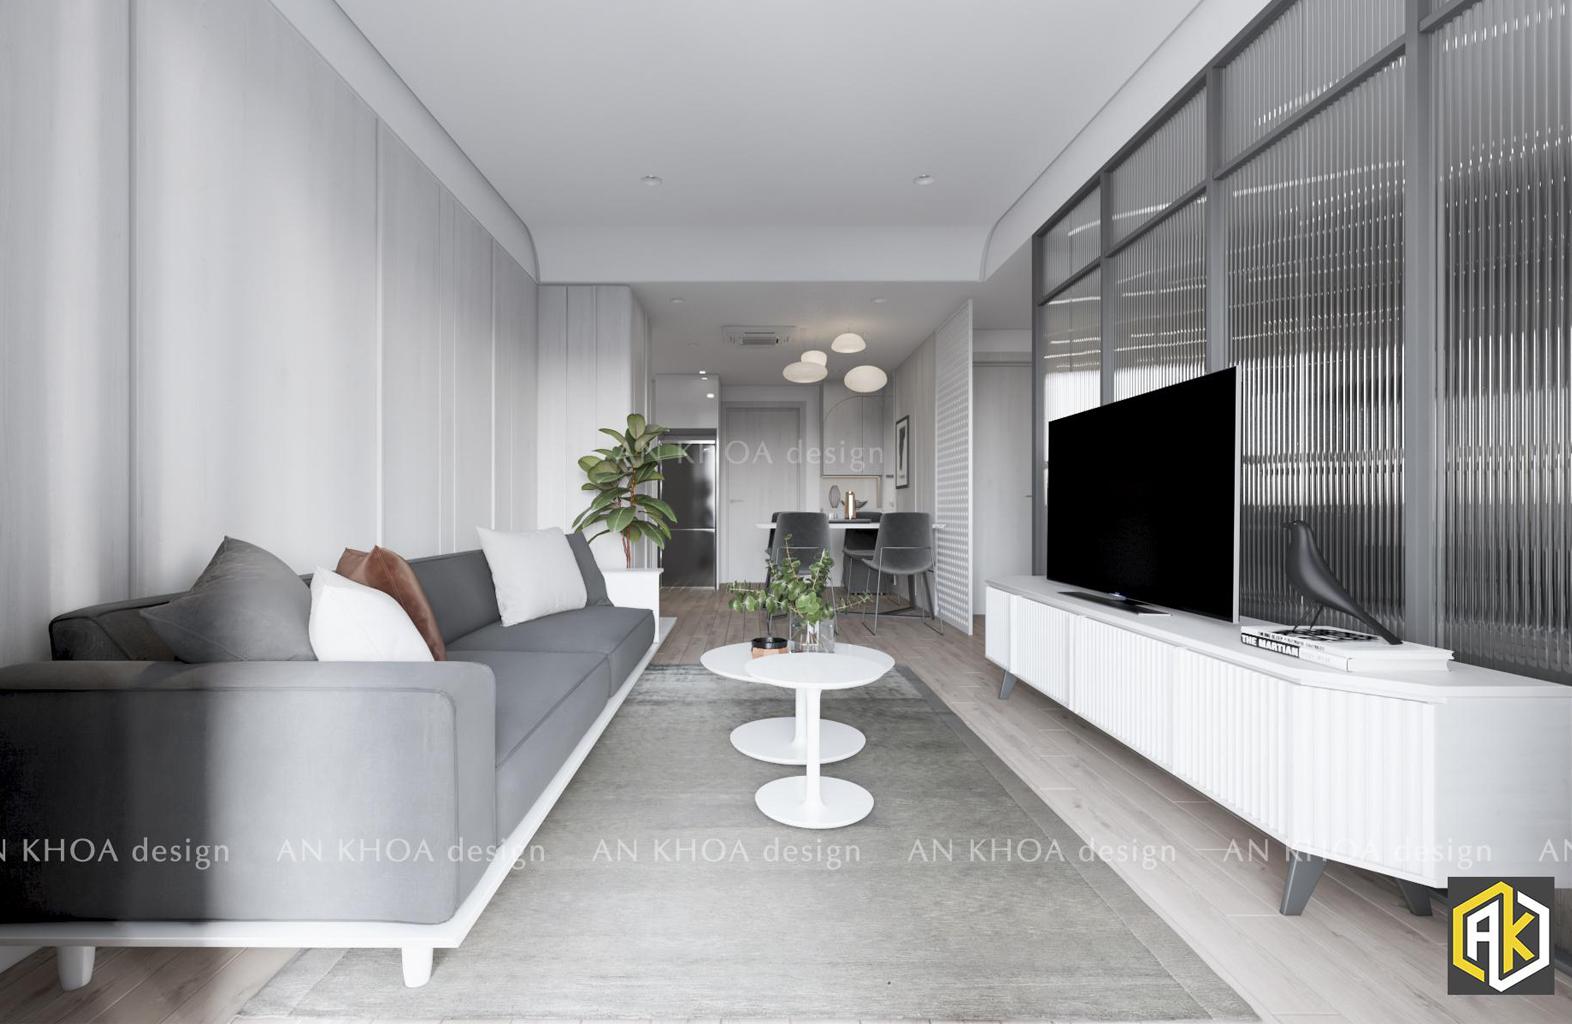 mẫu thiết kế phòng khách _ Sai Gon South